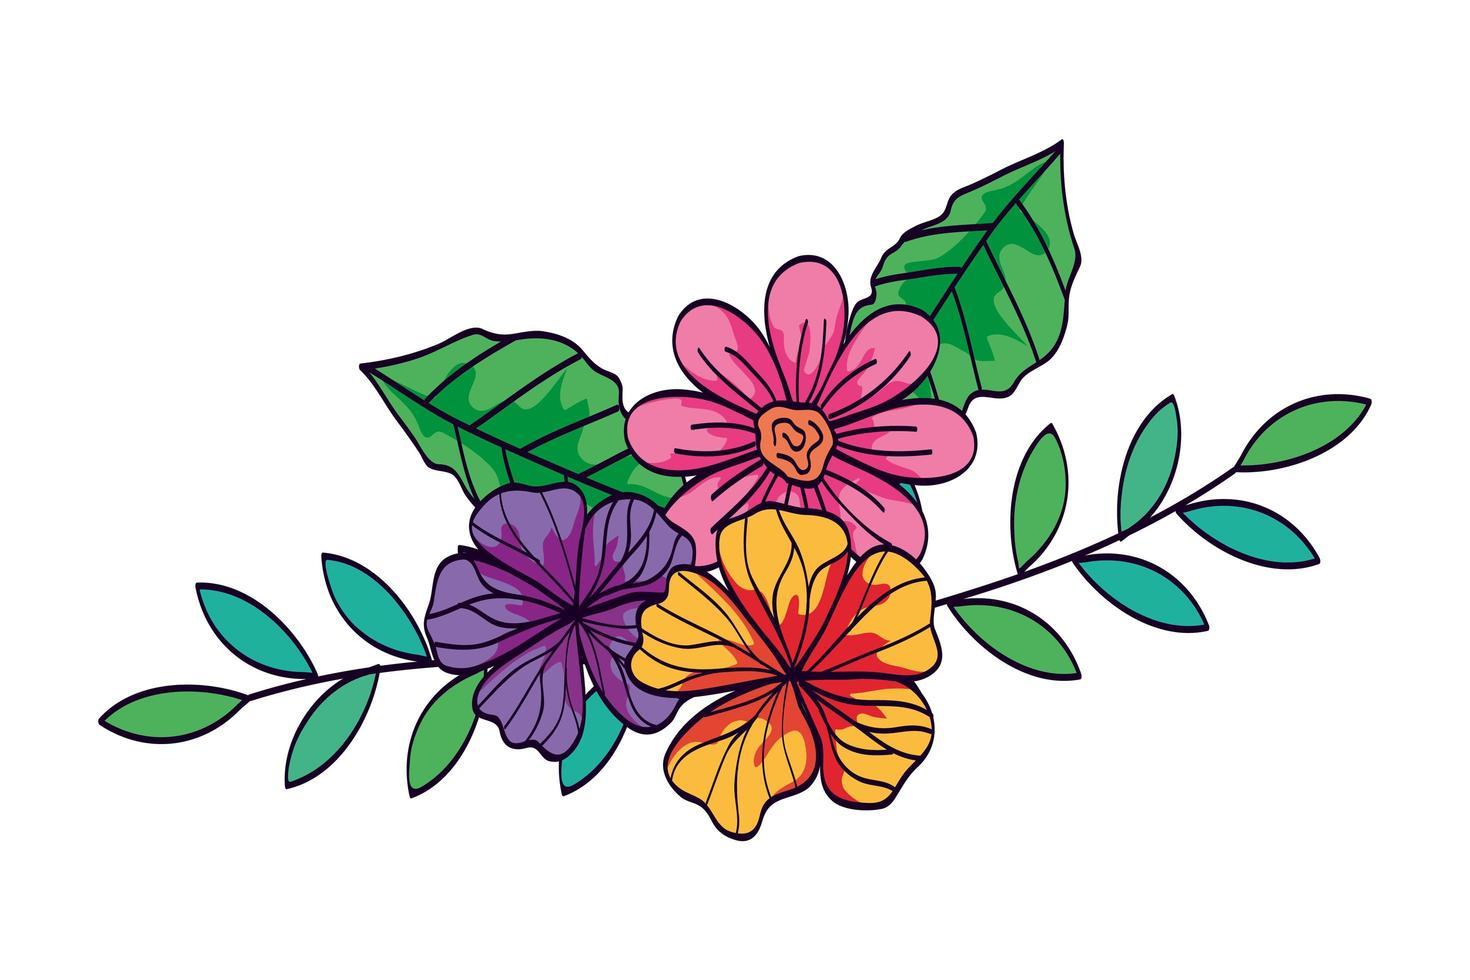 söta blommor med grenar och blad vektor